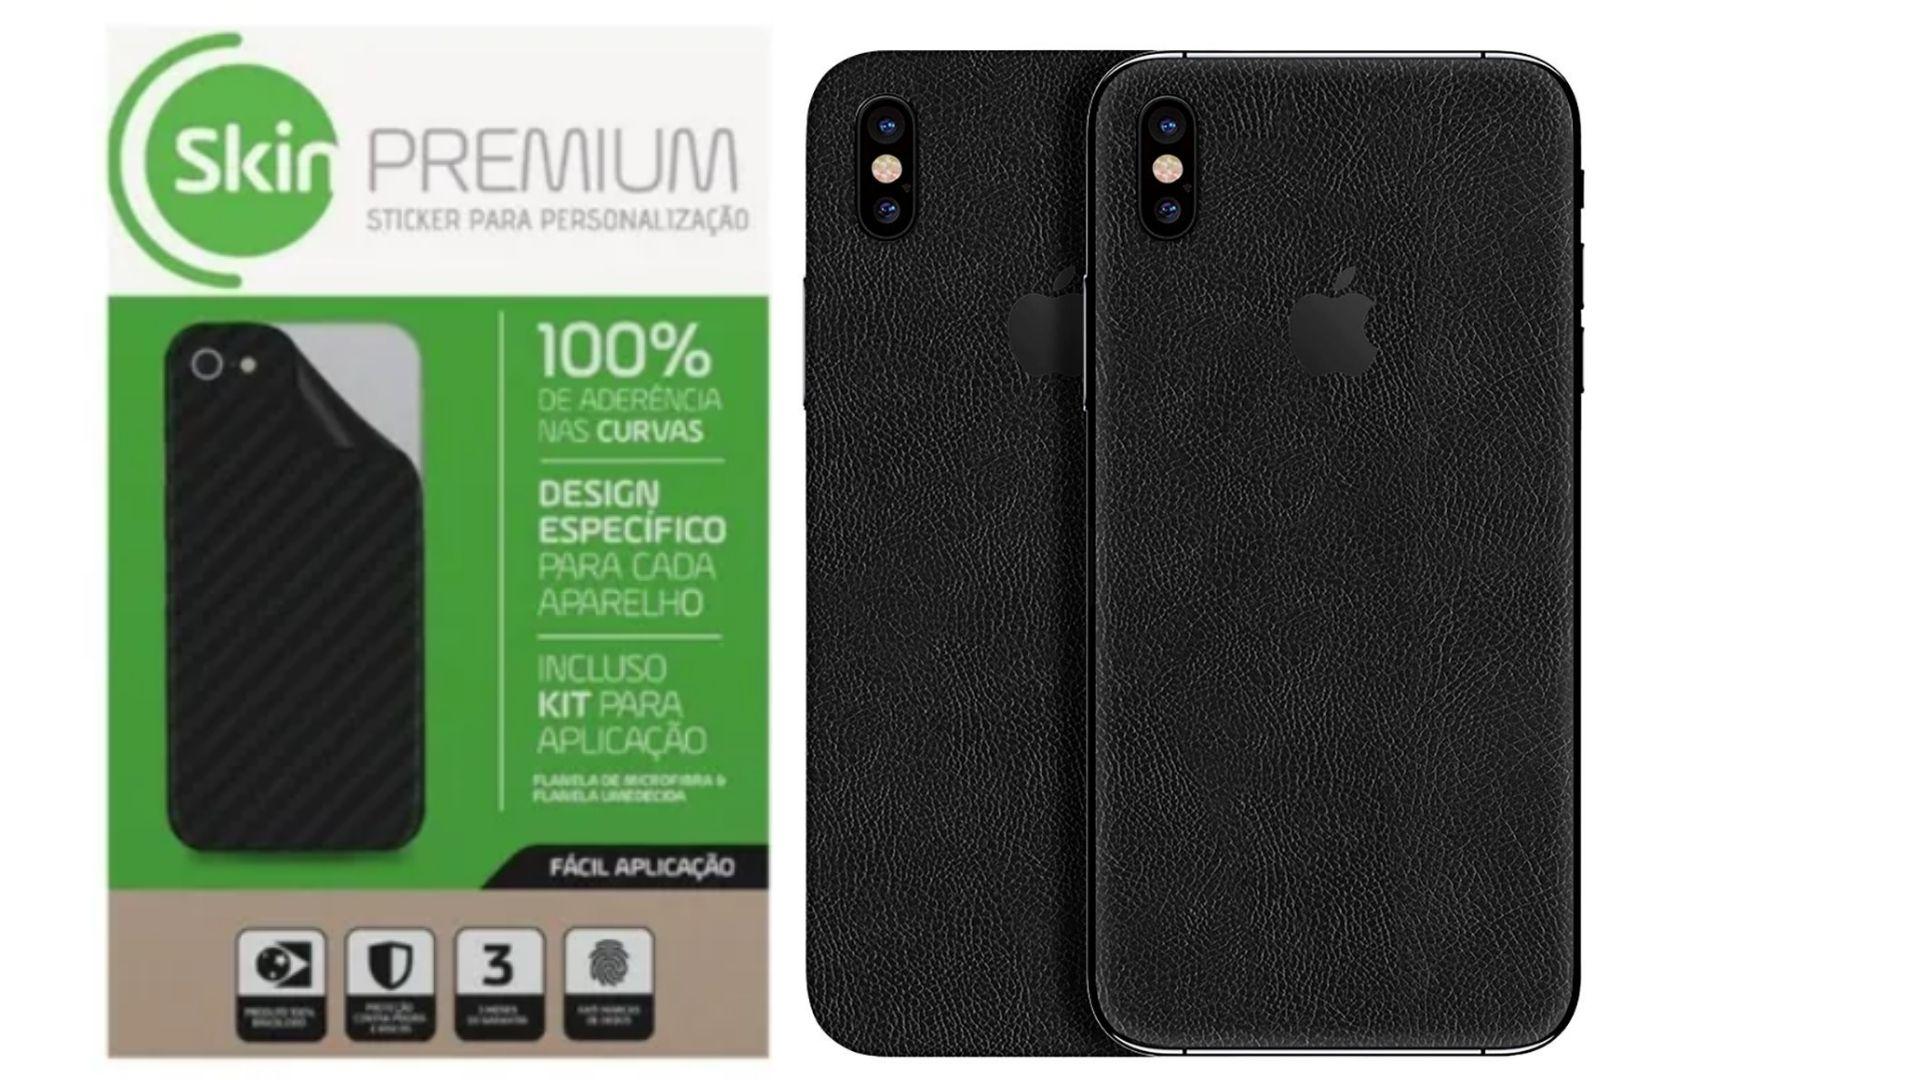 Skin Premium - Adesivo Estampa Couro iPhone X/XS Verso e Laterais